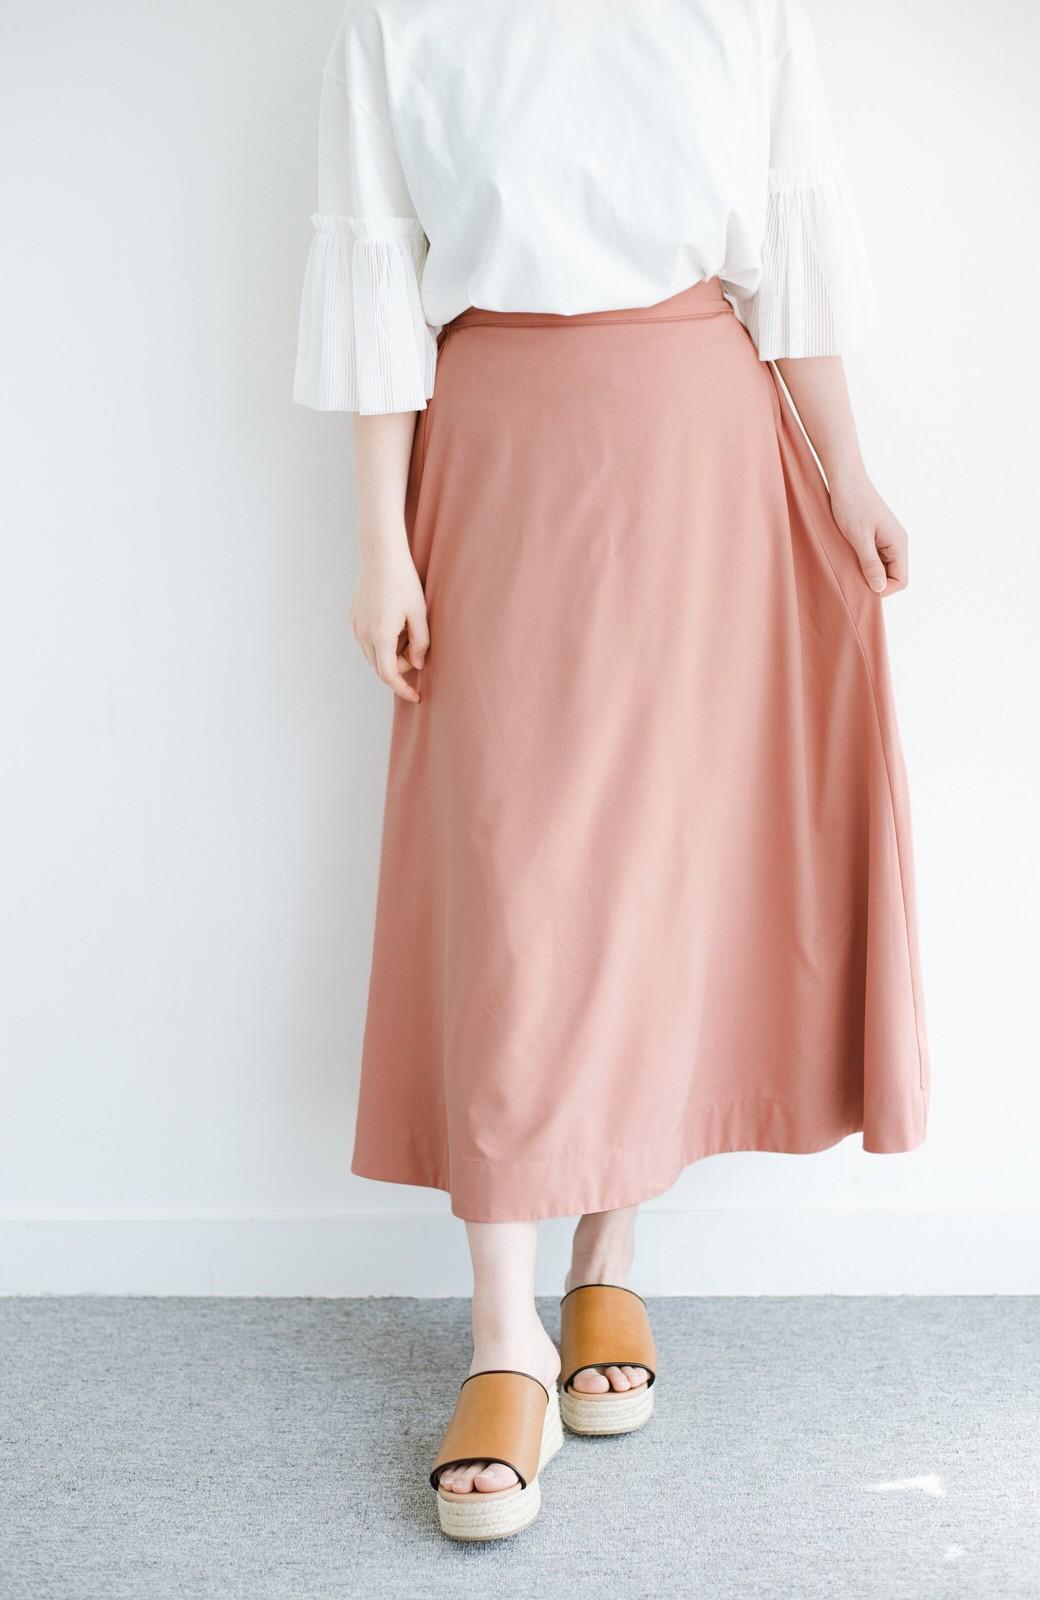 haco! オフィスにもデートにも! 便利なのはきれいに見えて楽ちんなリバーシブルスカート <ピンク系その他>の商品写真7